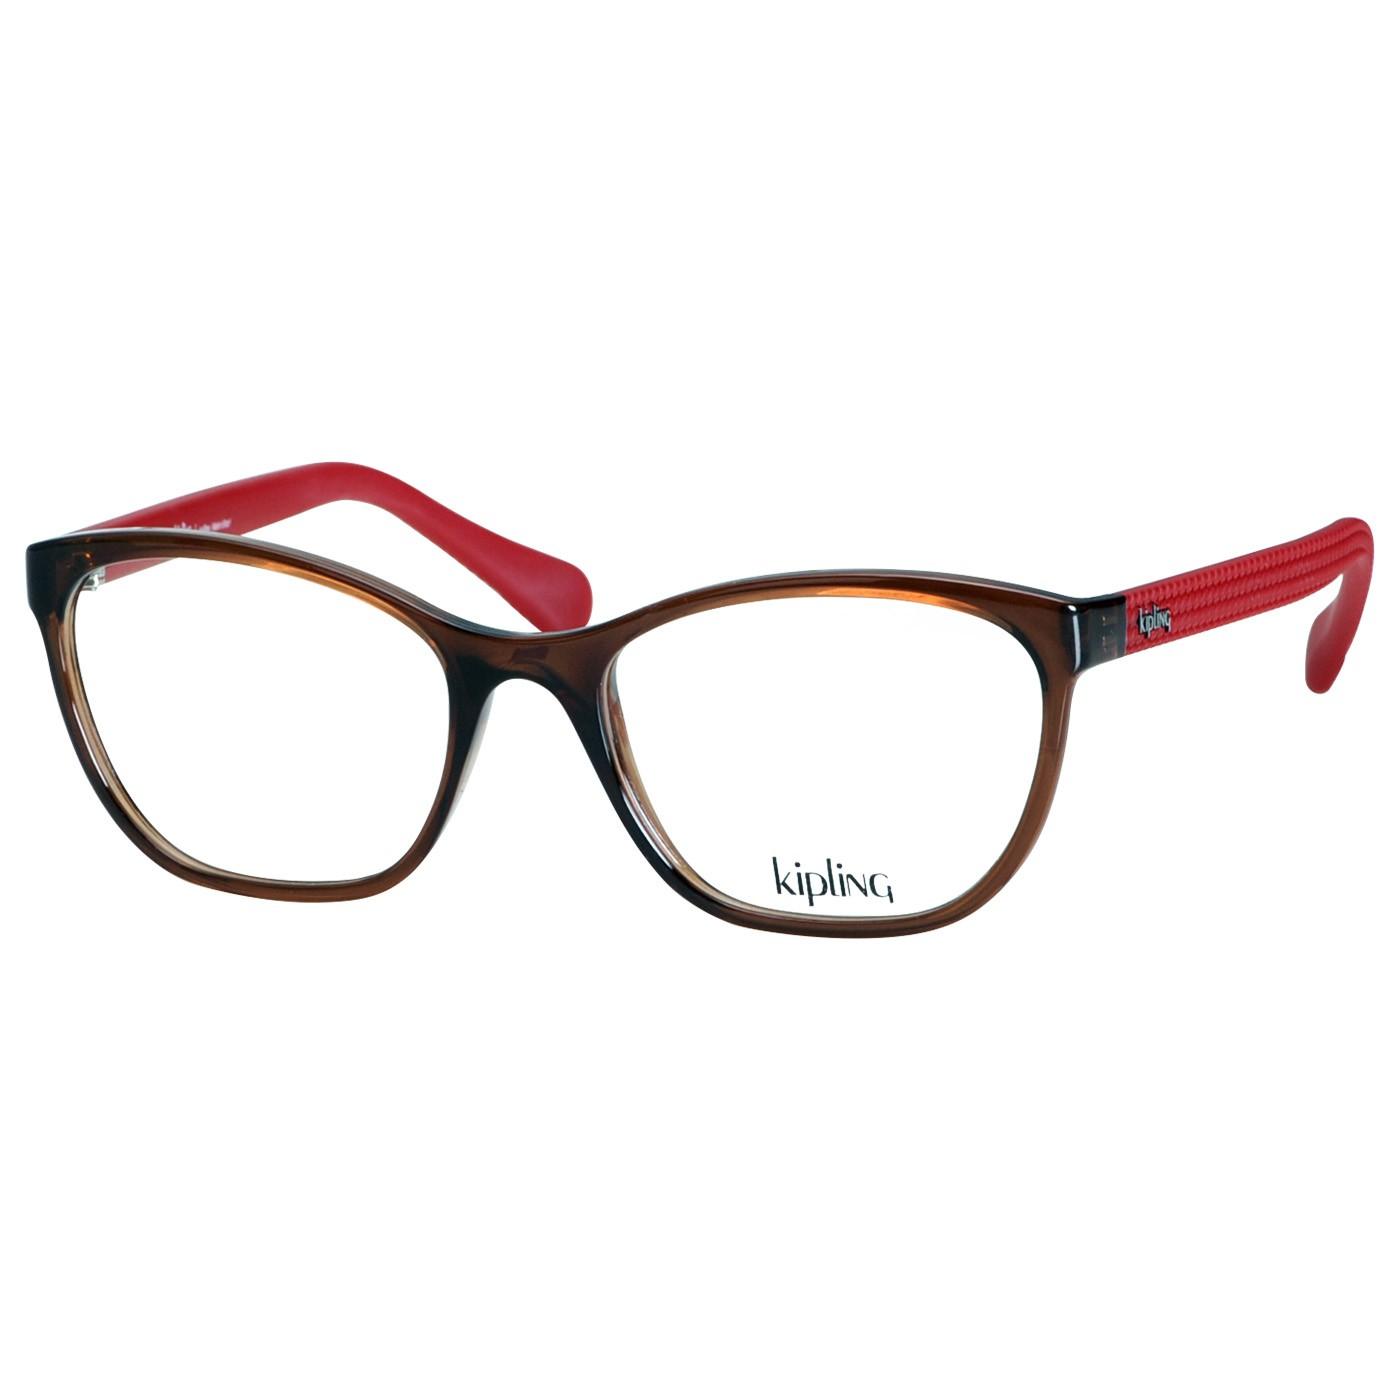 Armação de Óculos Kipling KP3103 Marrom Brilho e Vermelho